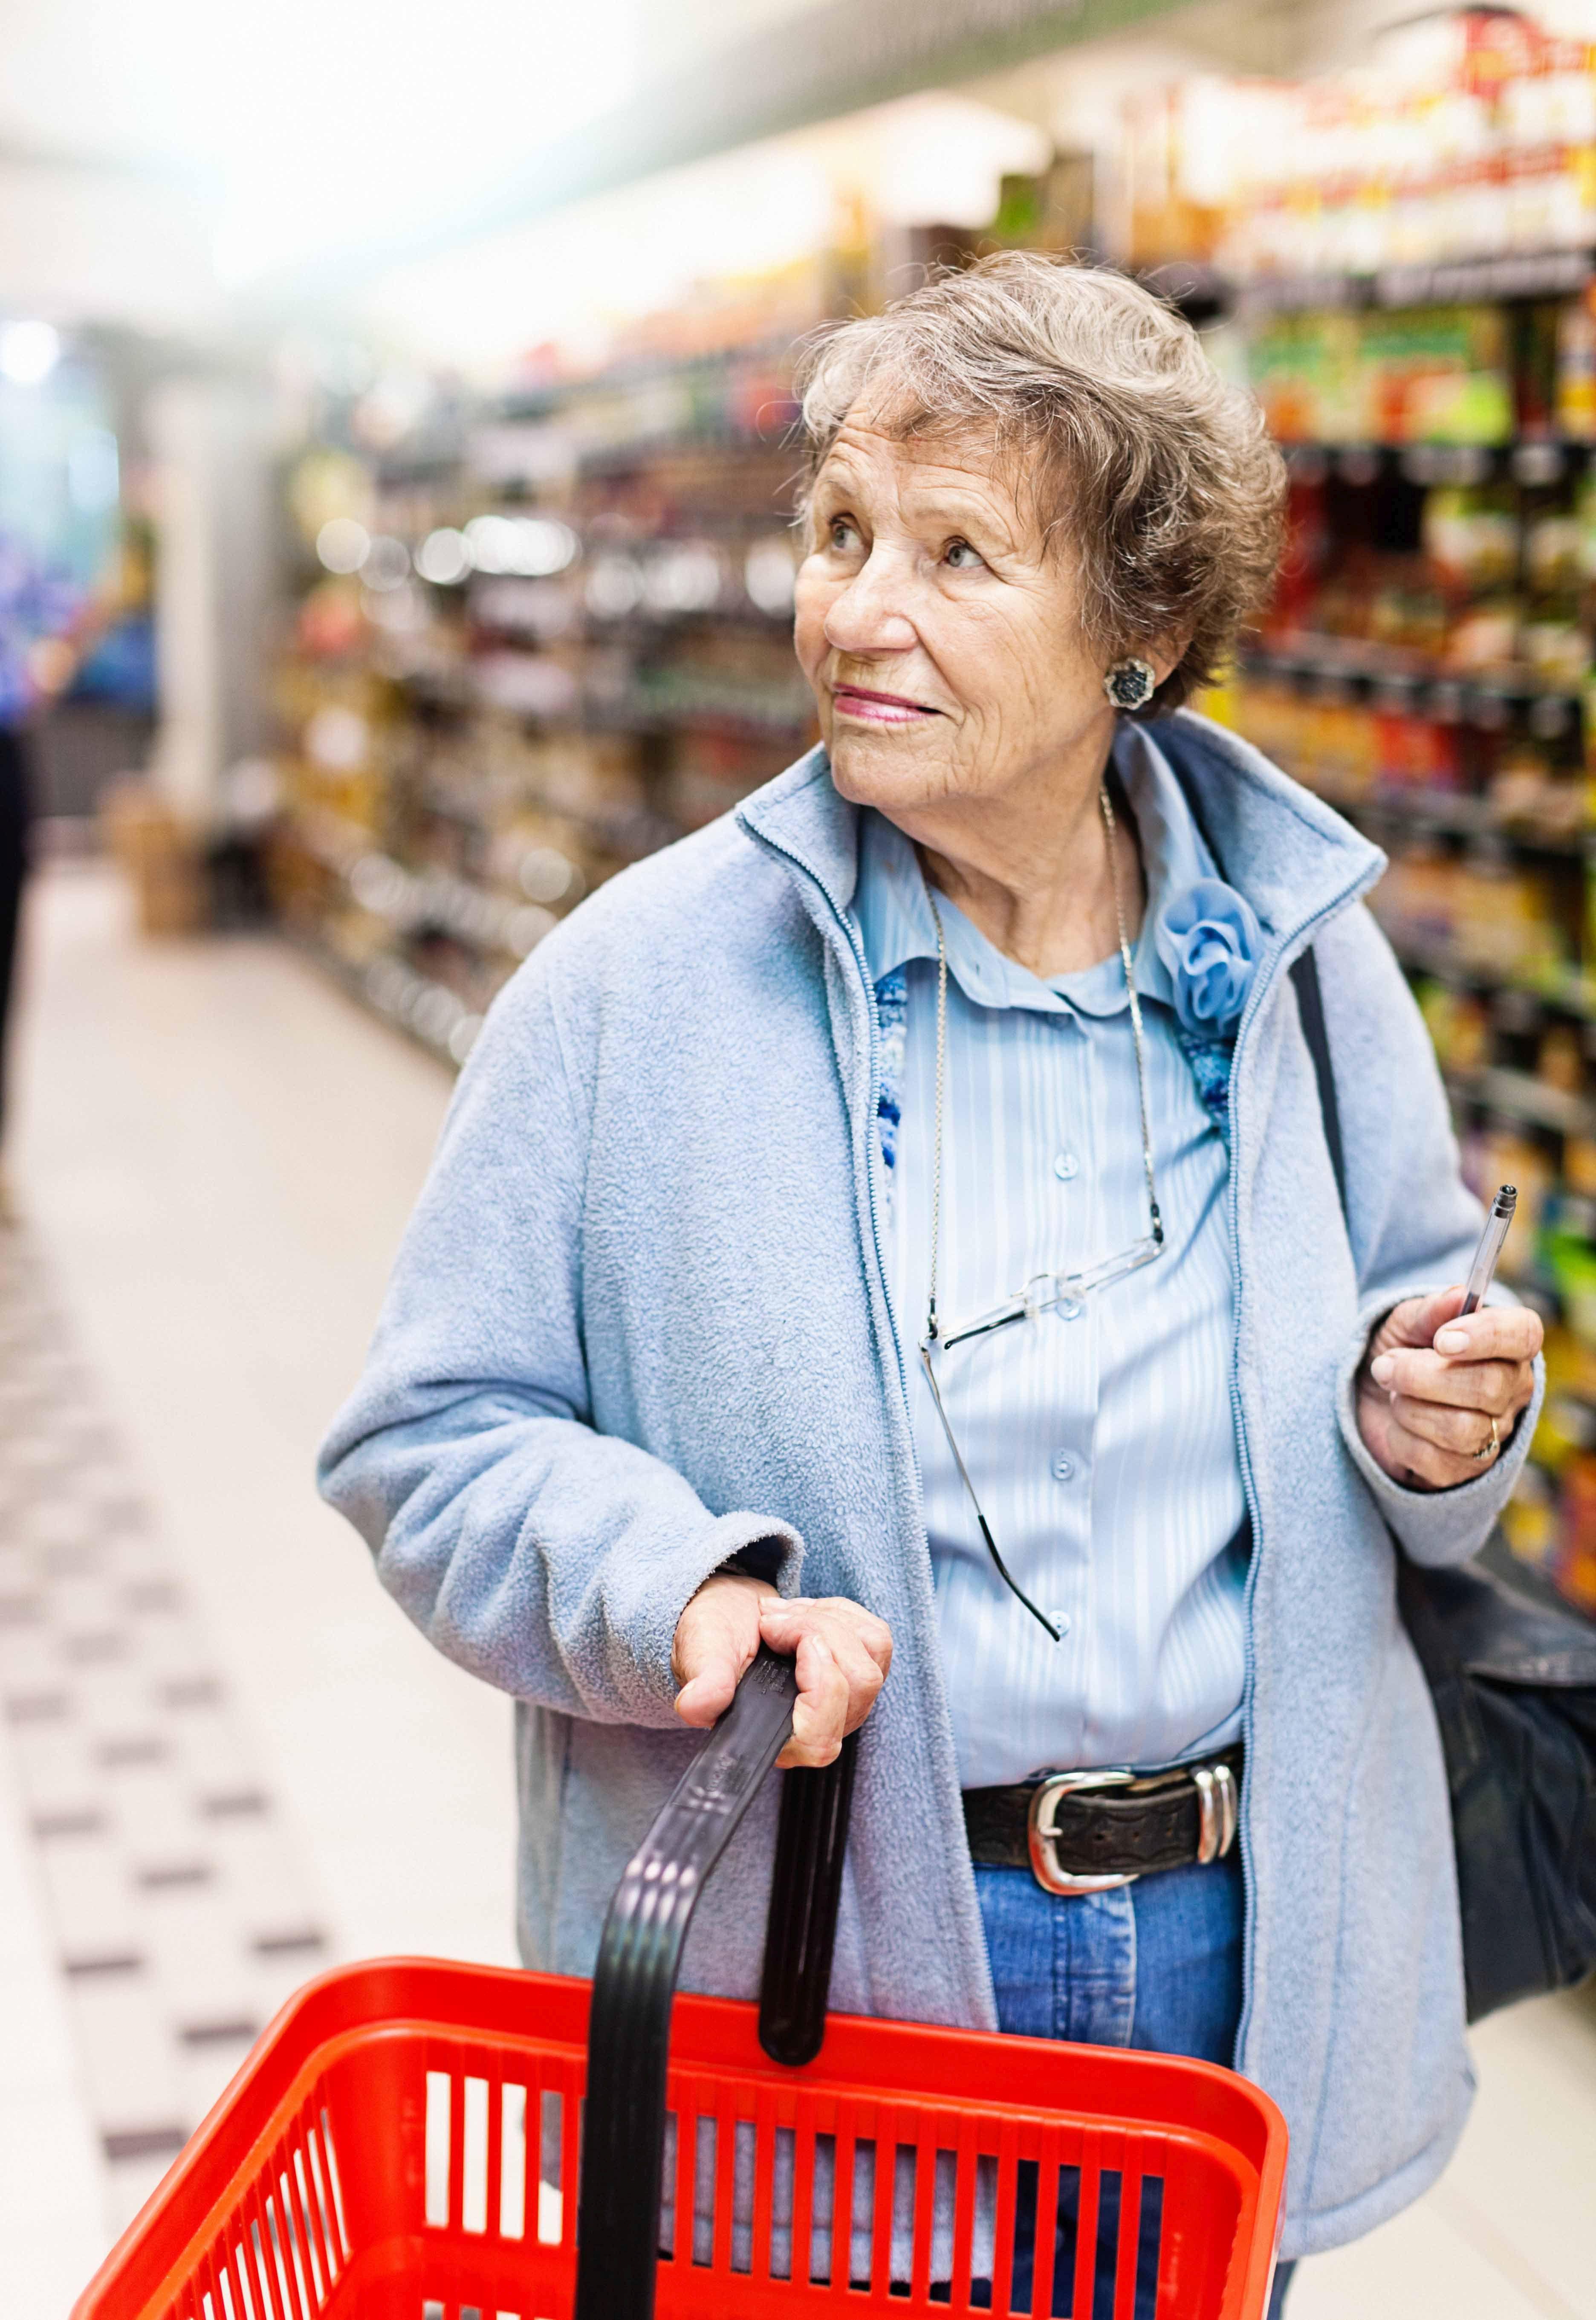 Tesco wprowadza specjalne godziny na zakupy dla seniorów